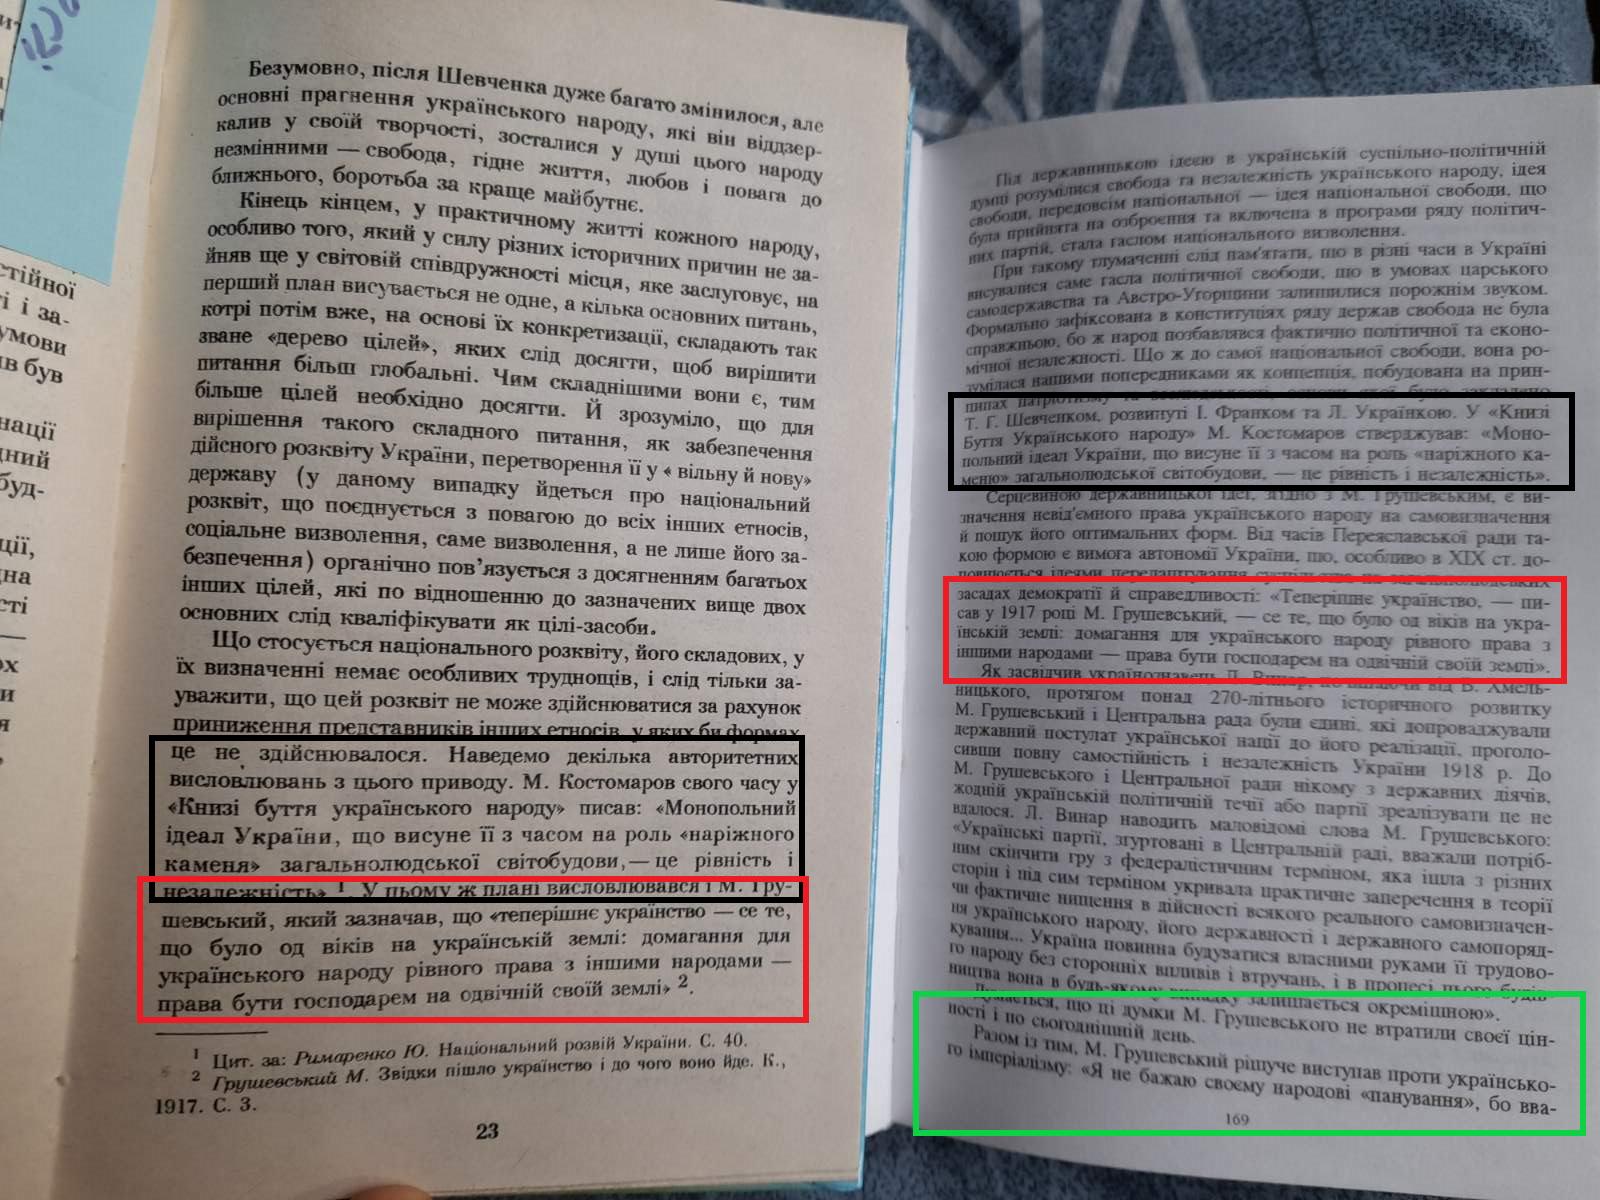 В работе Медведчука (слева) нашли копирования цитат (выделены красным) из учебника Ю. Рымаренко